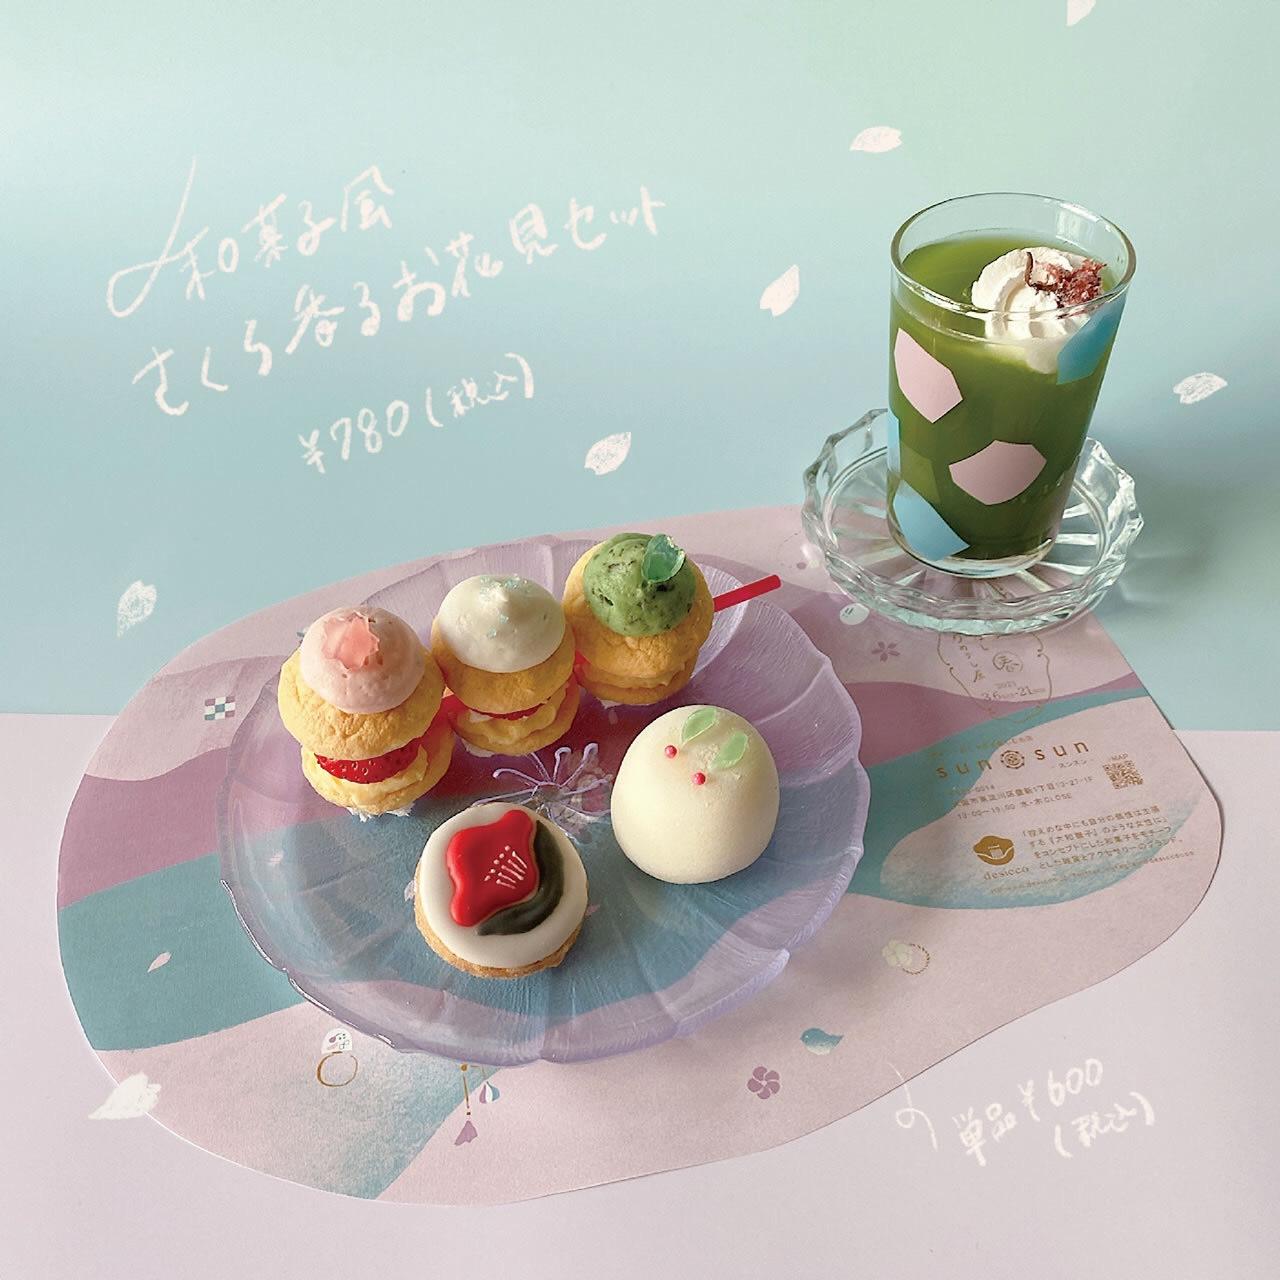 喫茶シフク×desicco 和菓子風 さくら香るお花見セット コラボ企画(sunsun produce)